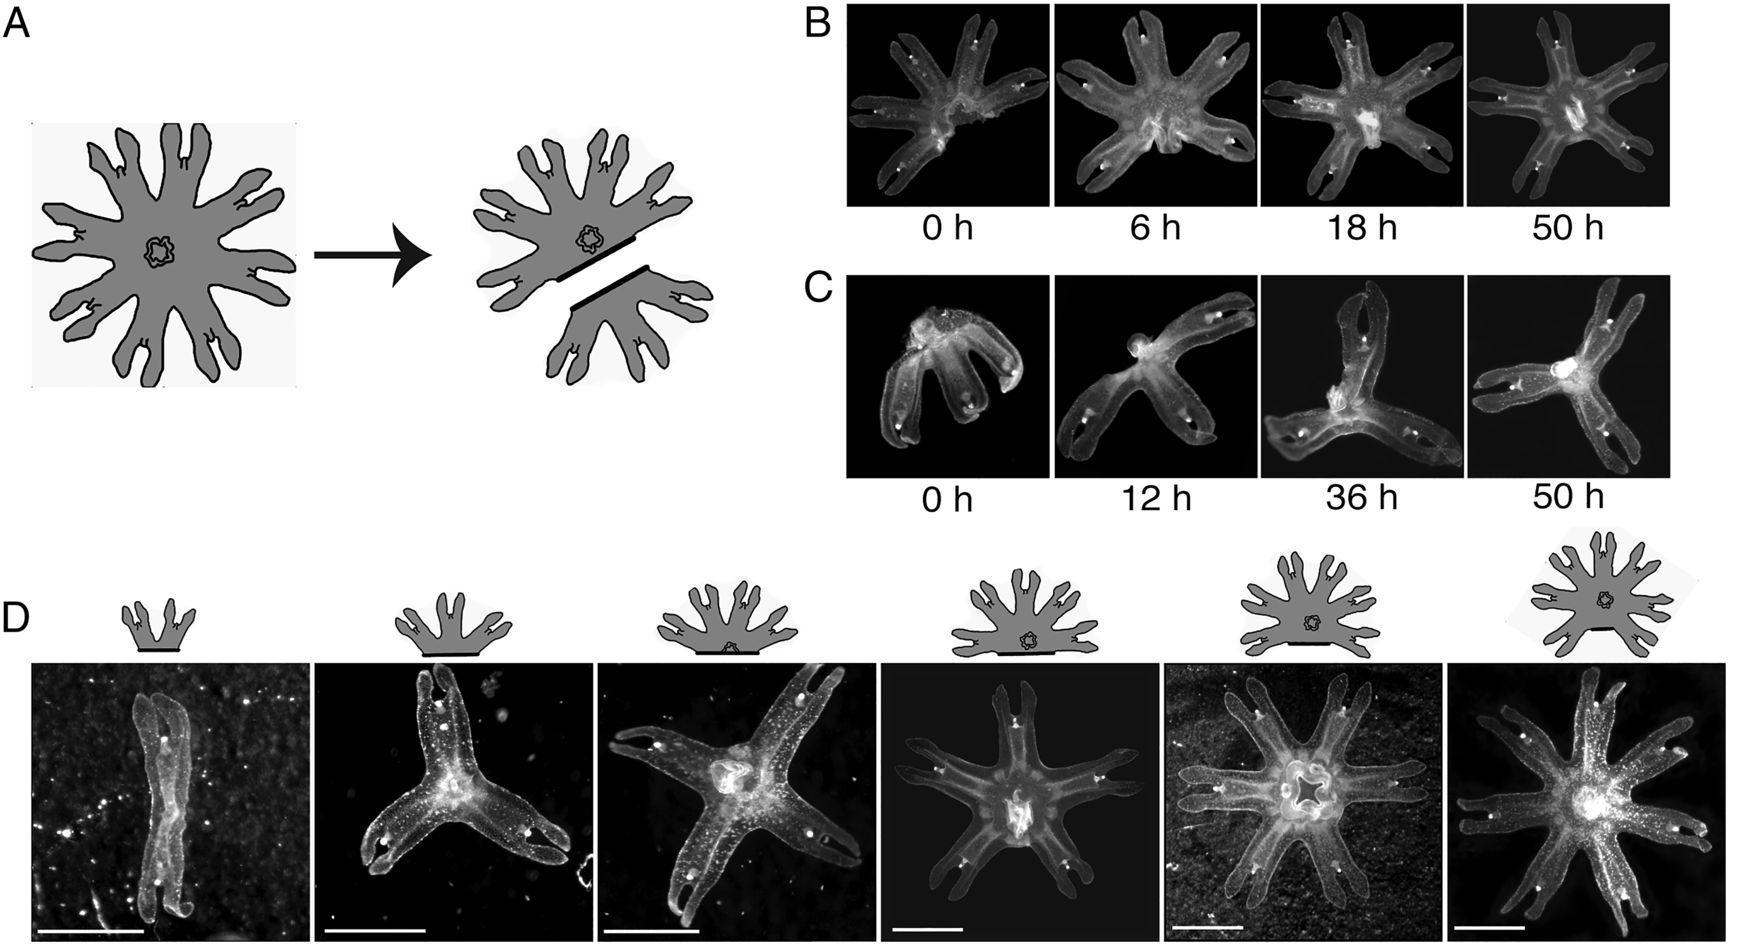 Медузы без конечностей восстанавливаются, возвращая себе симметрию тела